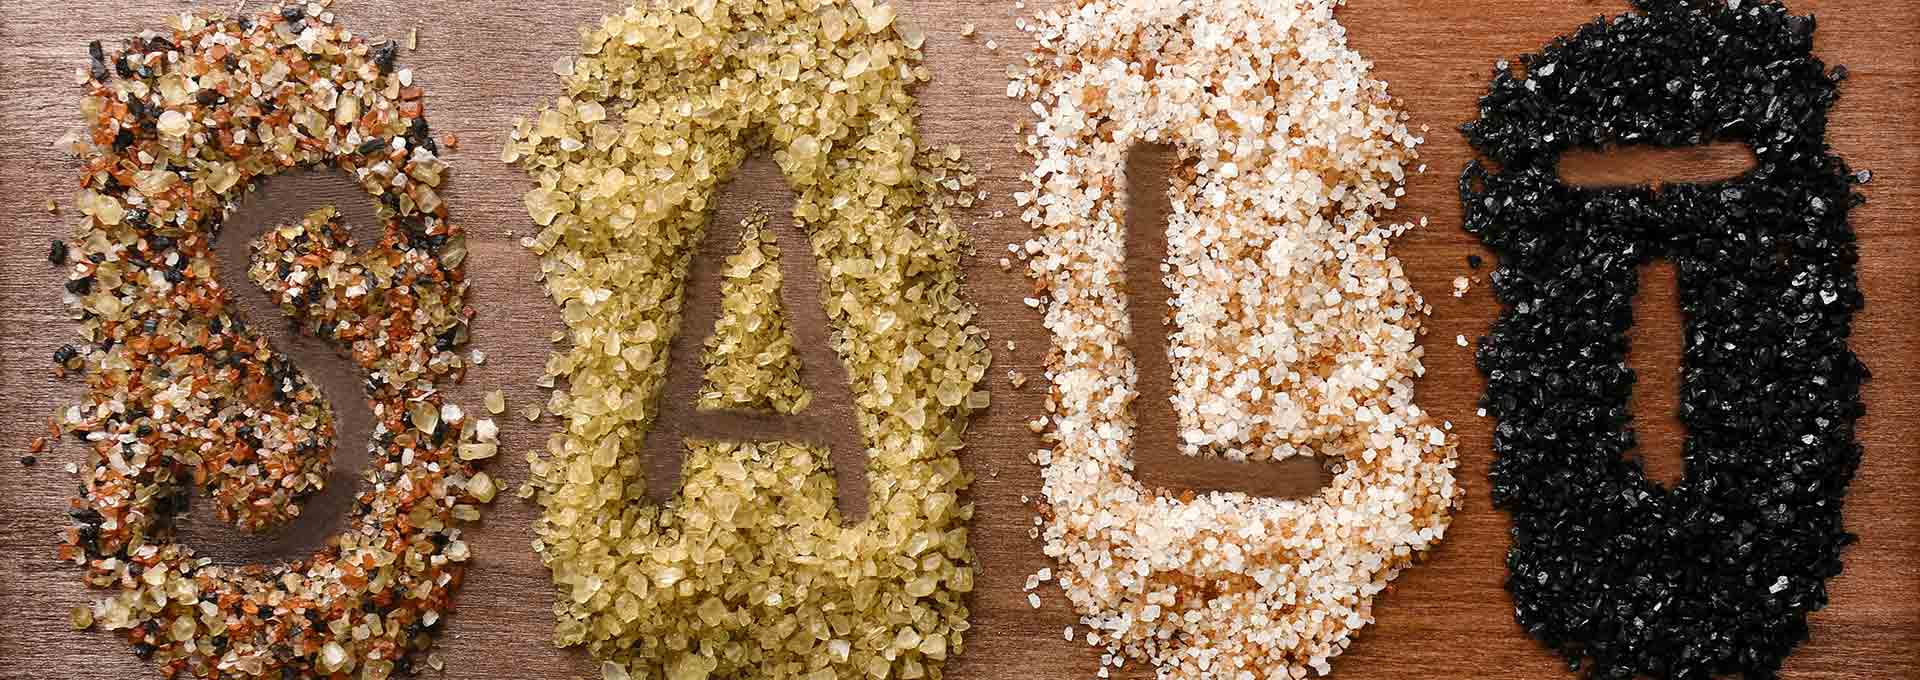 Al di là dei colori, il sale resta sale: ogni giorno in Italia introduciamo mediamente più del doppio del sale necessario per far funzionare correttamente il nostro corpo.